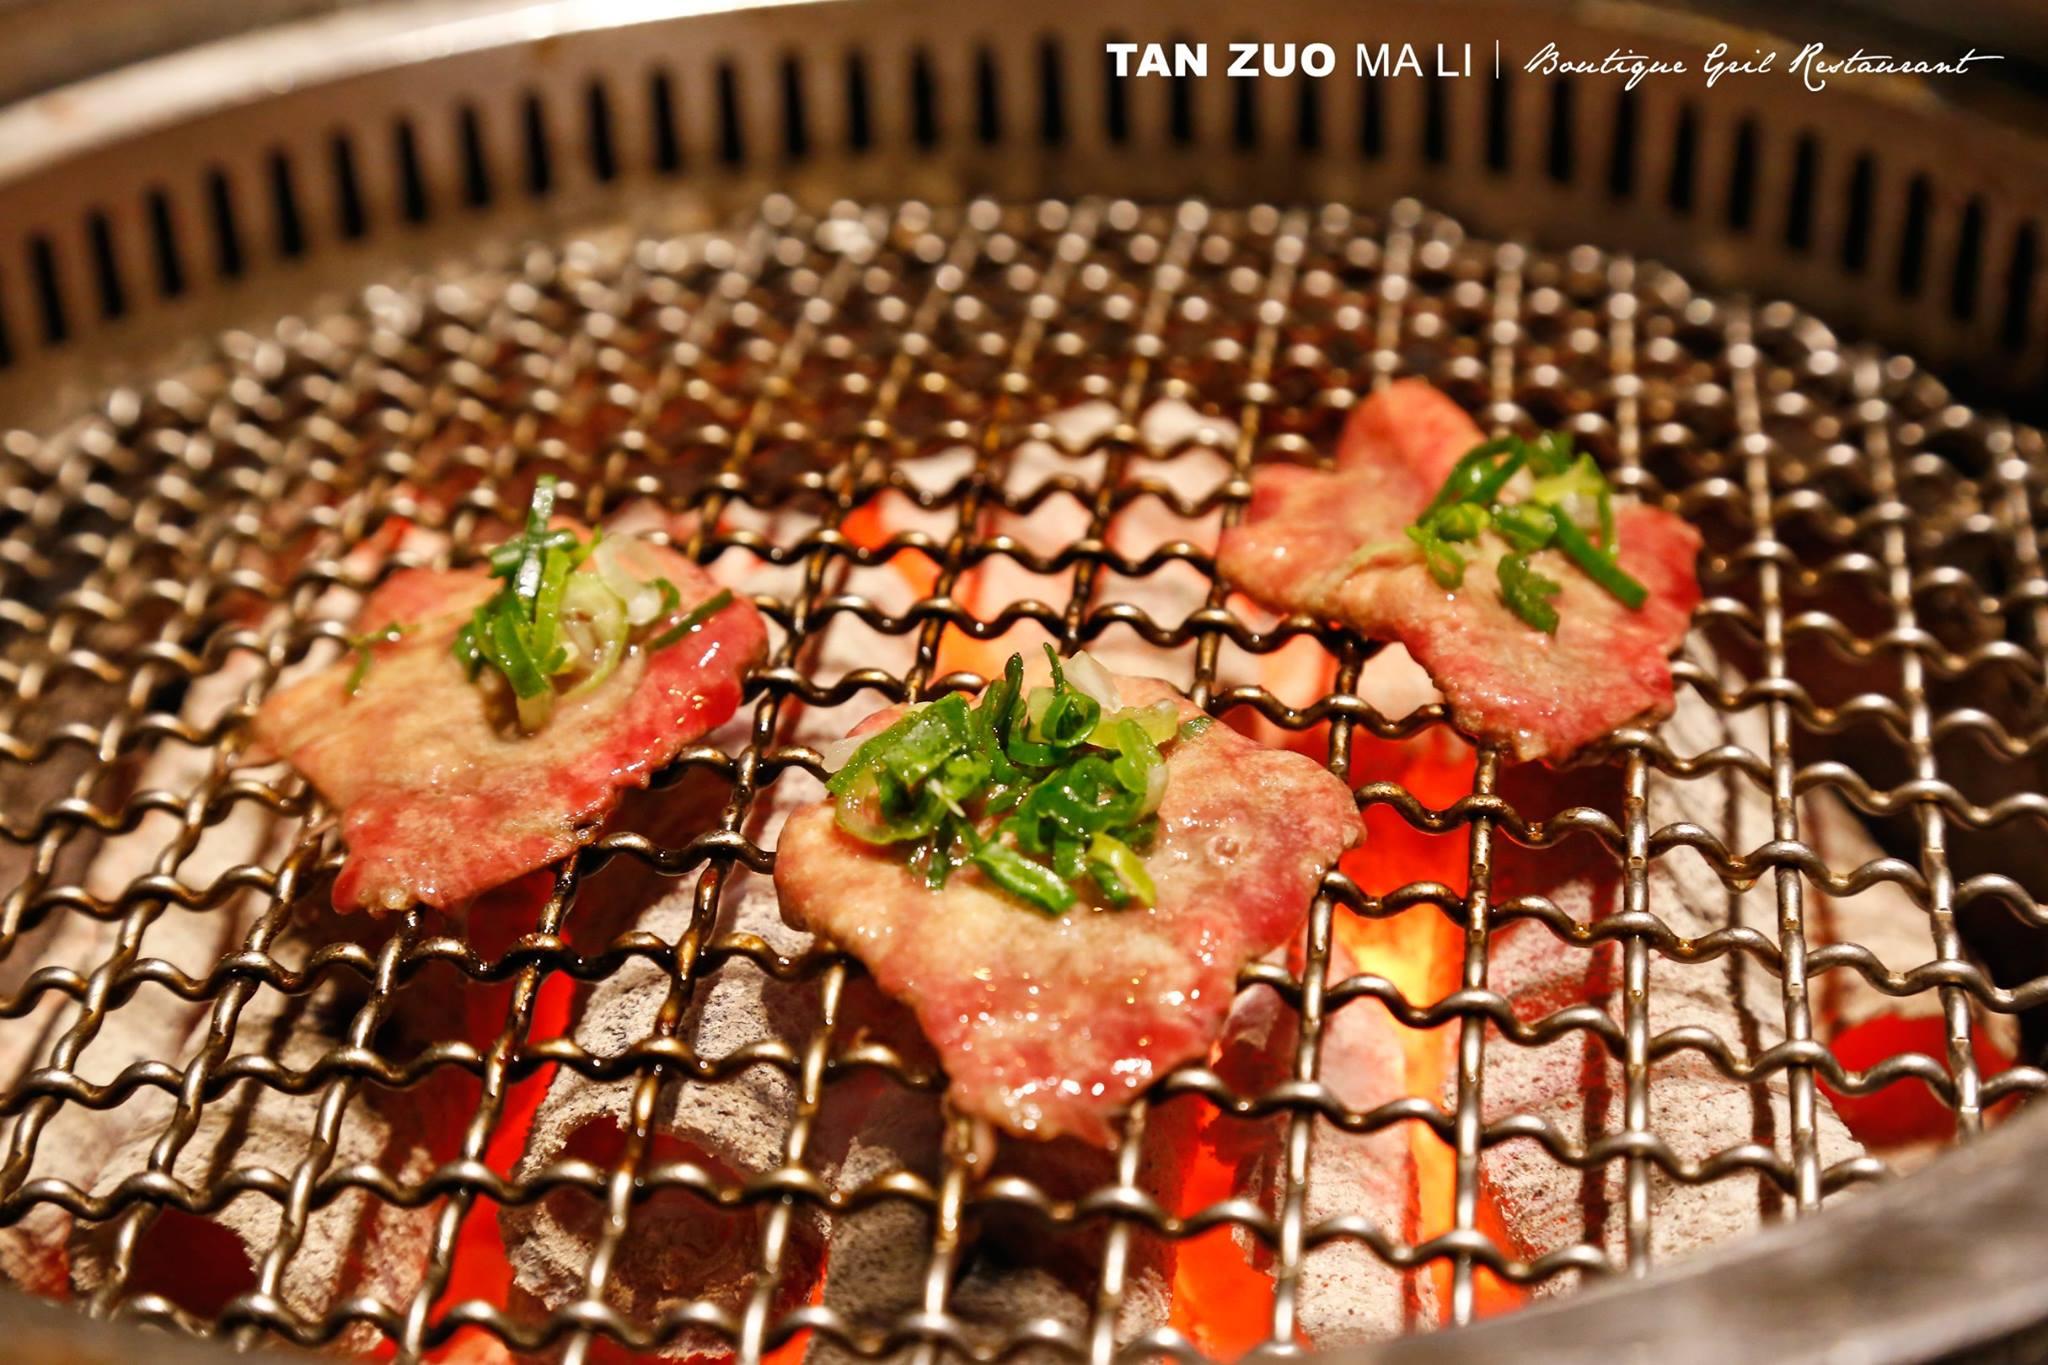 「碳佐麻里」使用炭精木炭,其中放射熱的加熱方式,讓燒肉變得更美味。(圖片來源/碳佐麻里粉絲團)